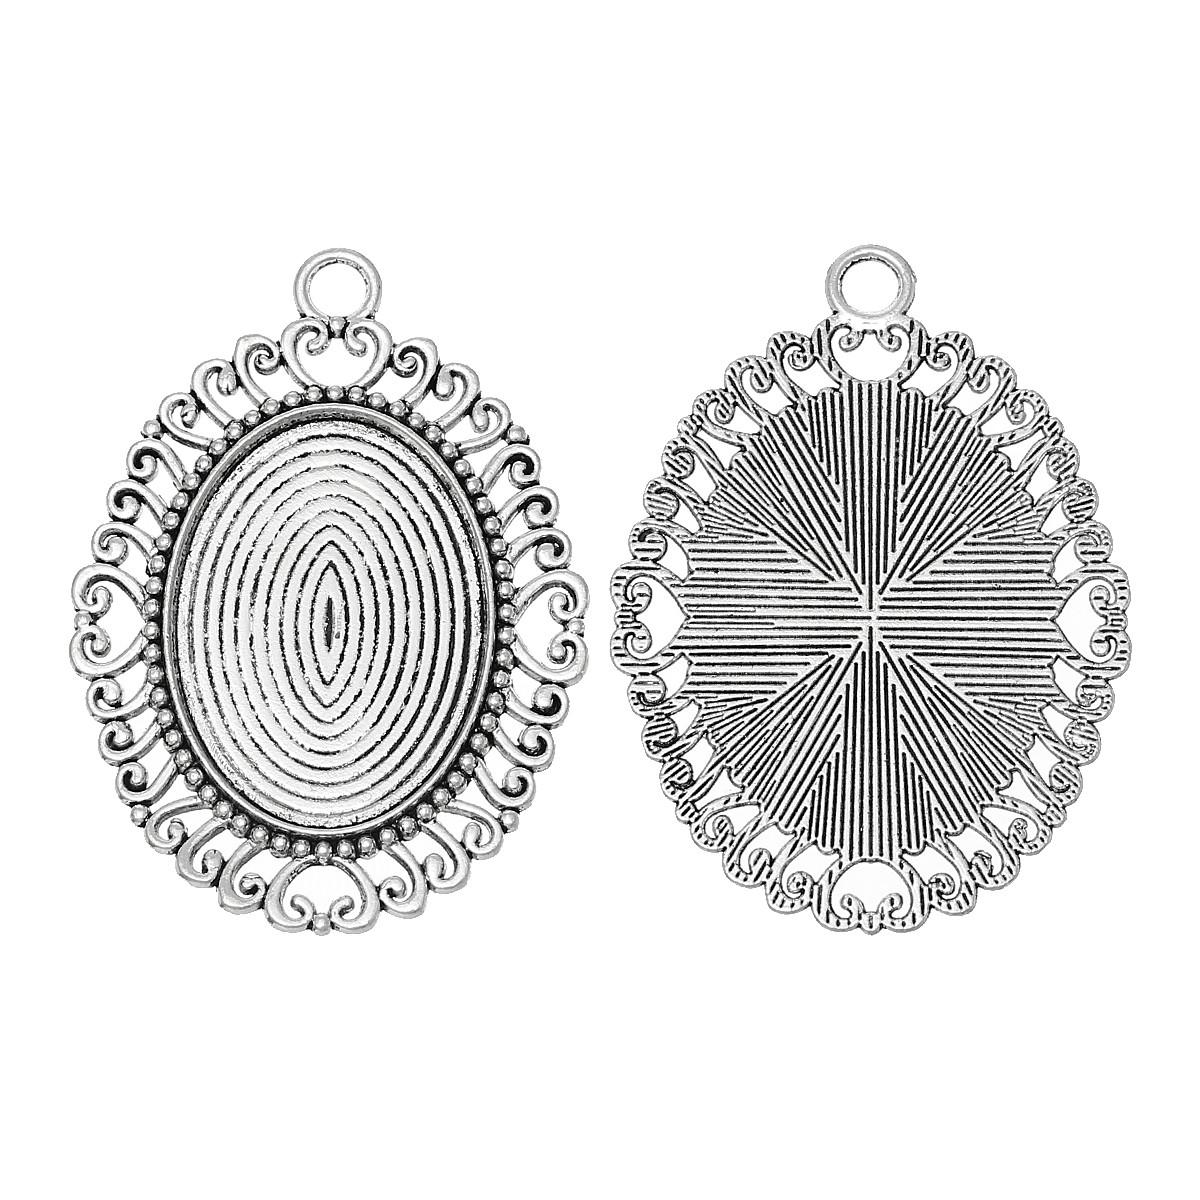 Основы для кабошонов сеттинги 58х42мм античное серебро для рукоделия